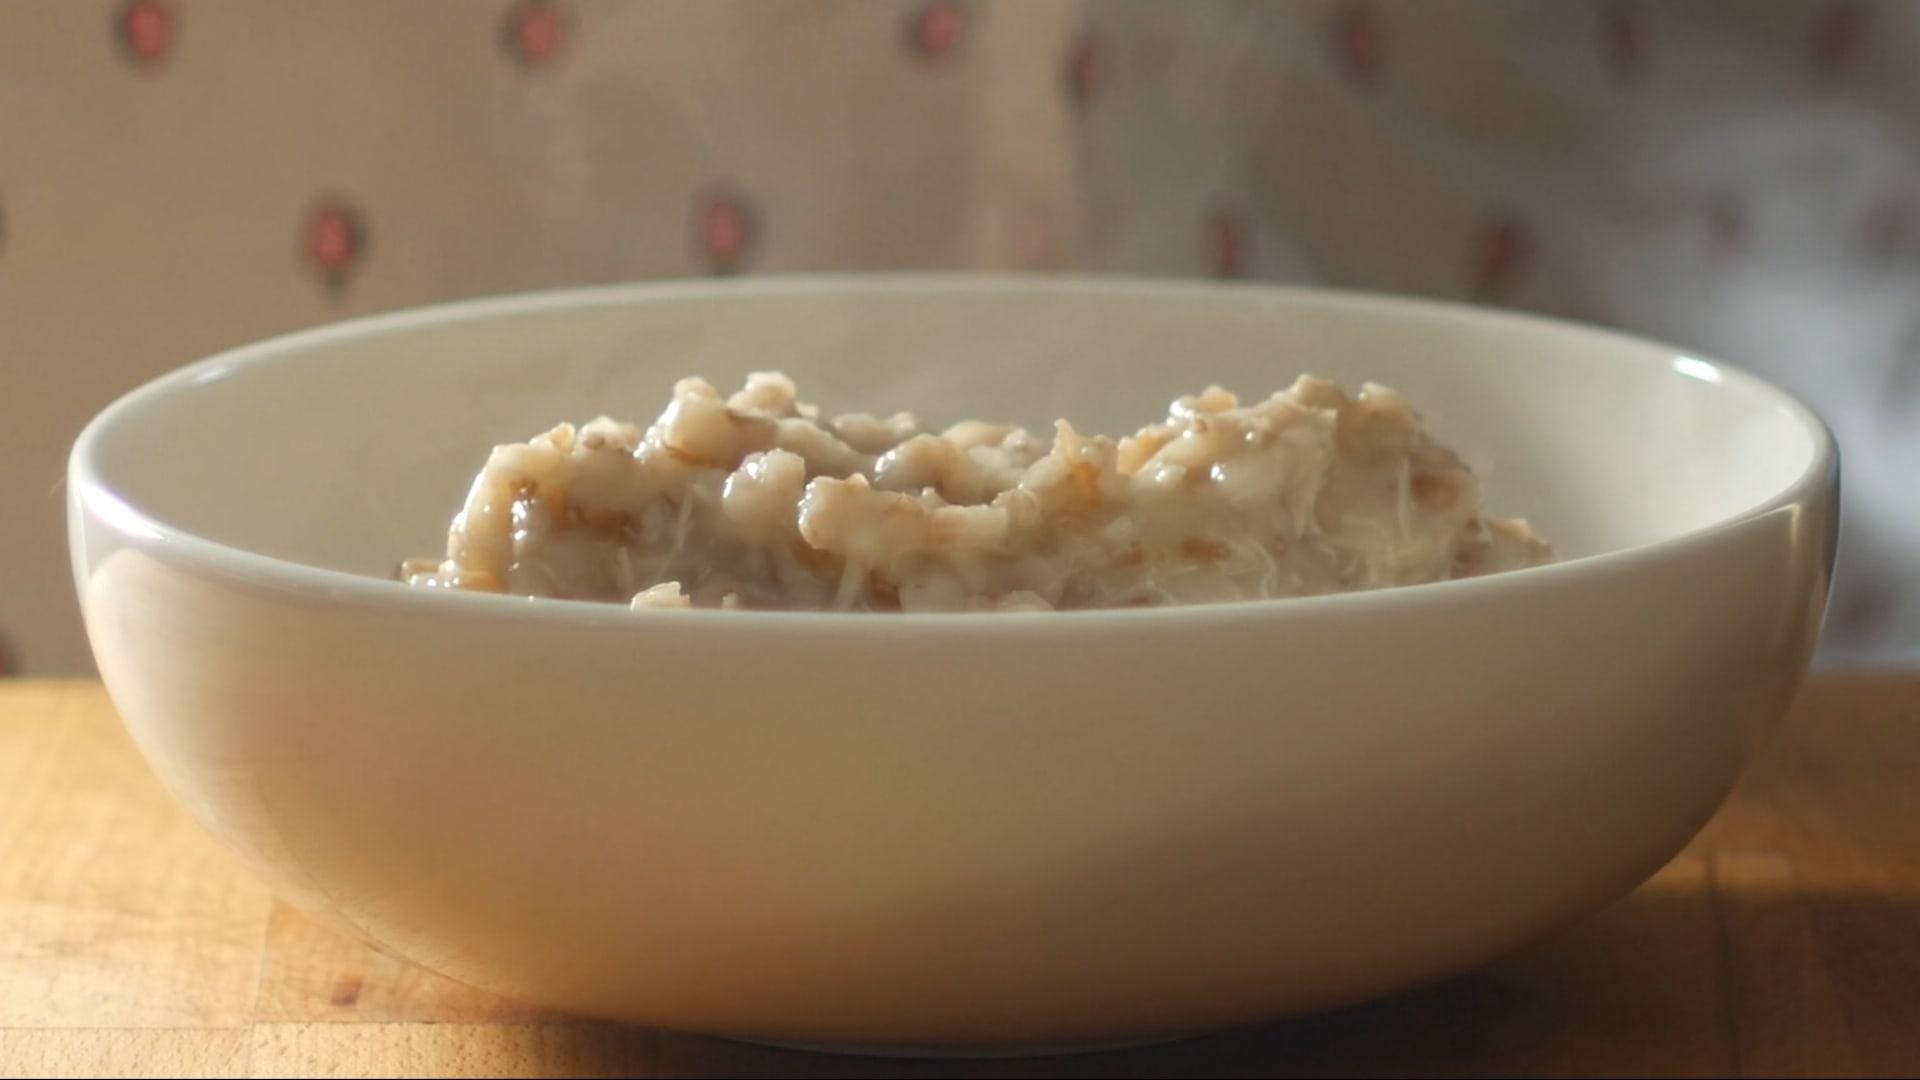 """سواءً بالدجاج أو اللحم.. وجبة الهريس """"ملكة"""" المائدة بسلطنة عُمان خلال رمضان"""